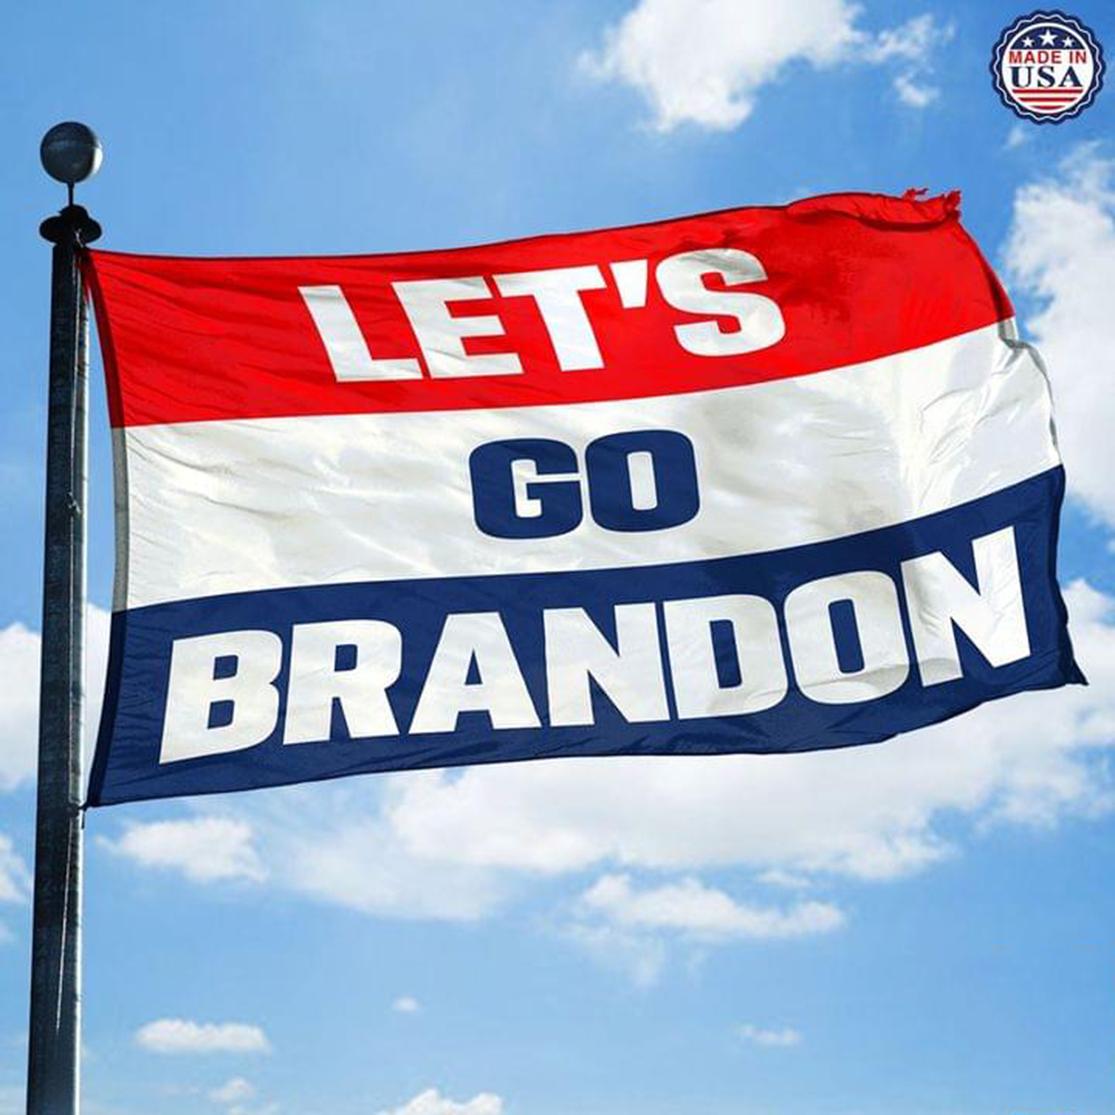 Let's go Brandon flag